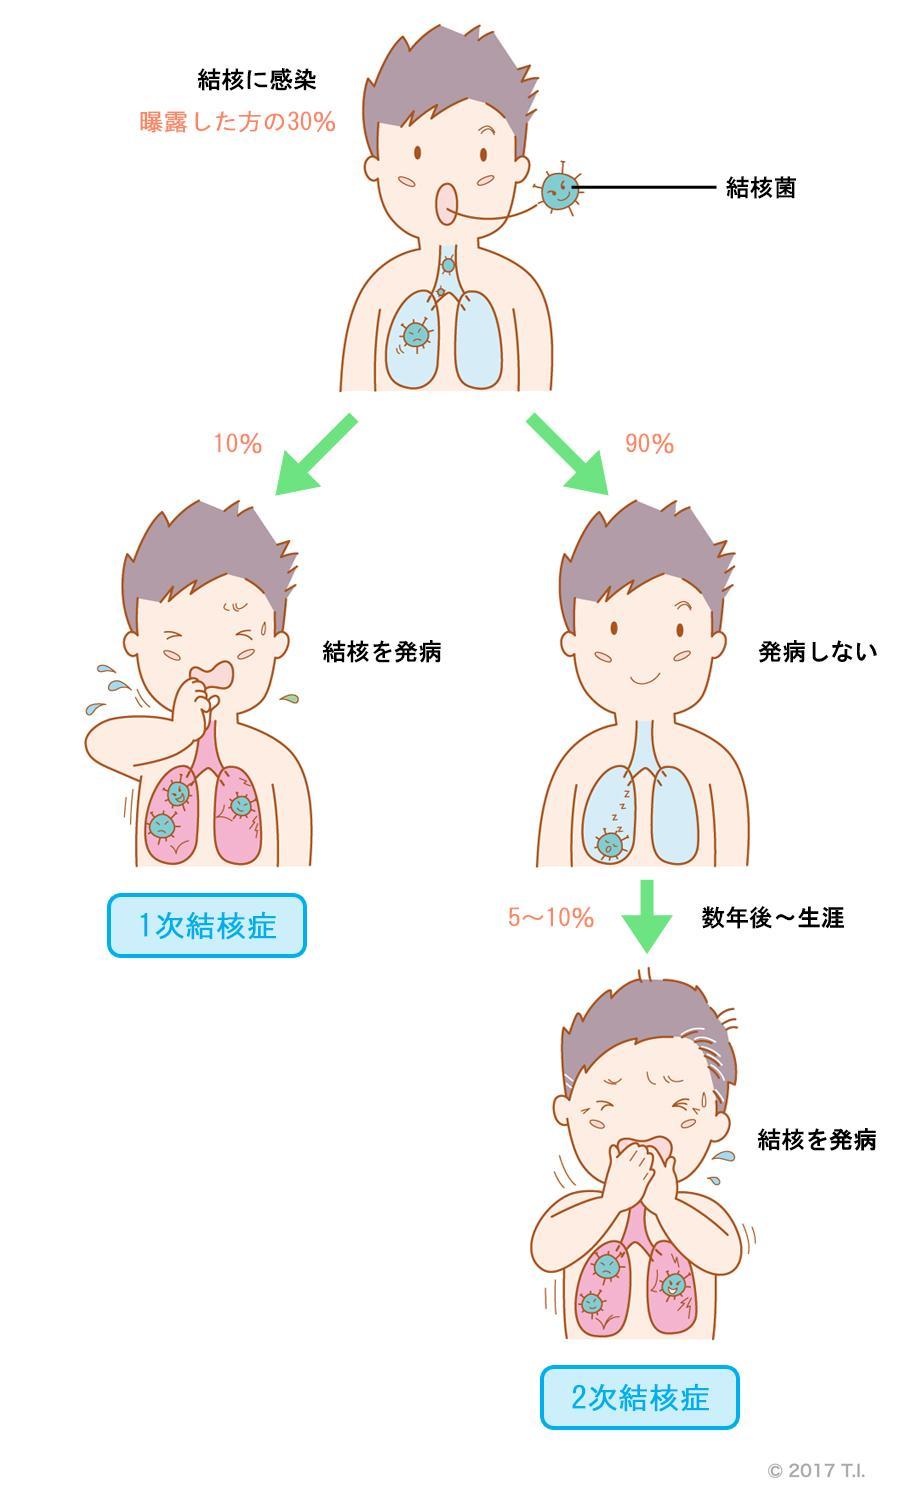 1次結核症と2次結核症の発症の違い